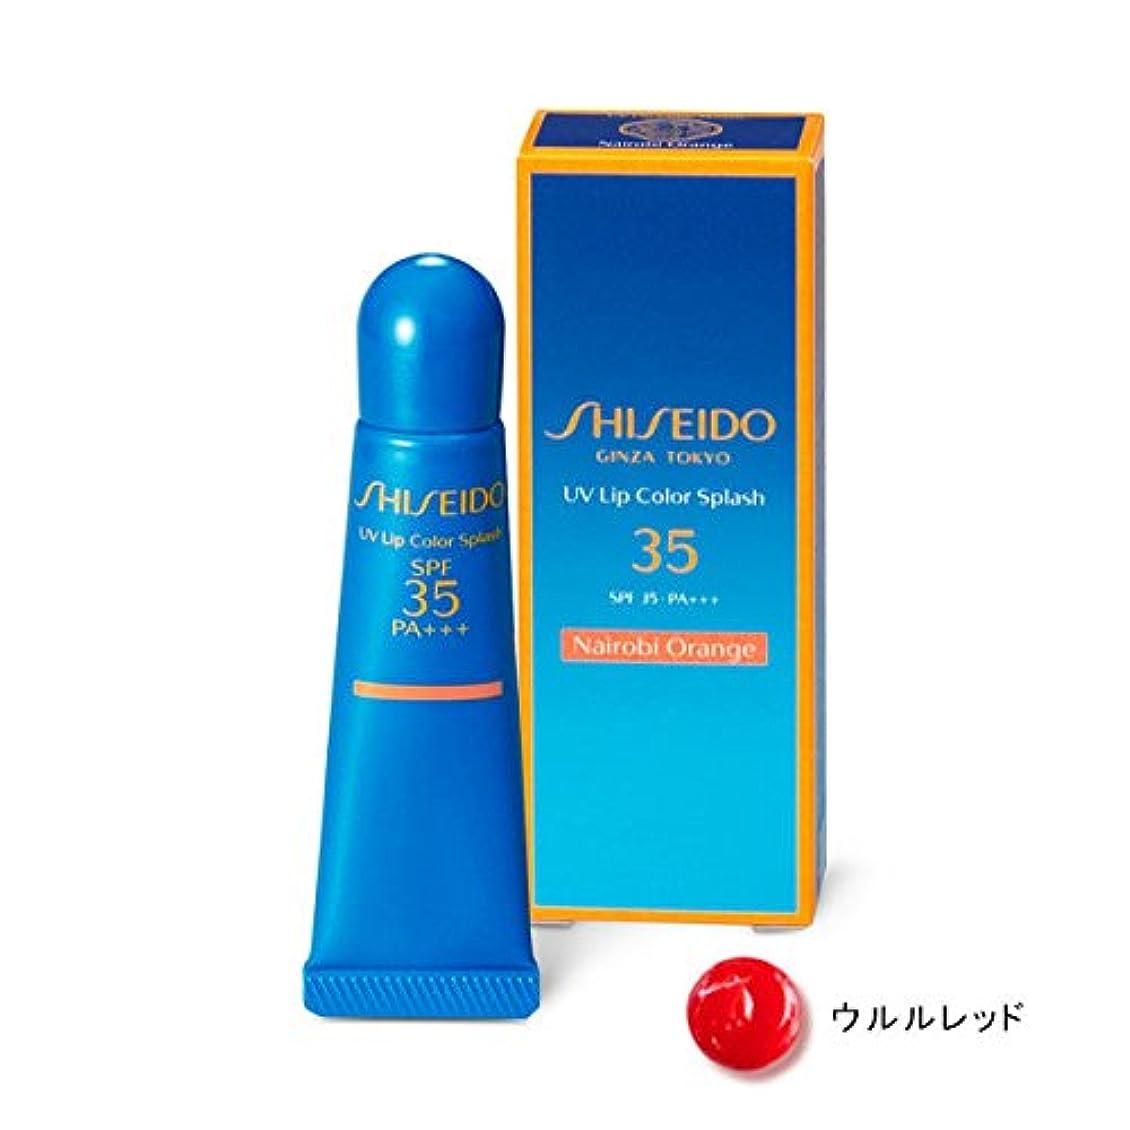 里親体系的に化粧SHISEIDO Suncare(資生堂 サンケア) SHISEIDO(資生堂) UVリップカラースプラッシュ (ウルルレッド)